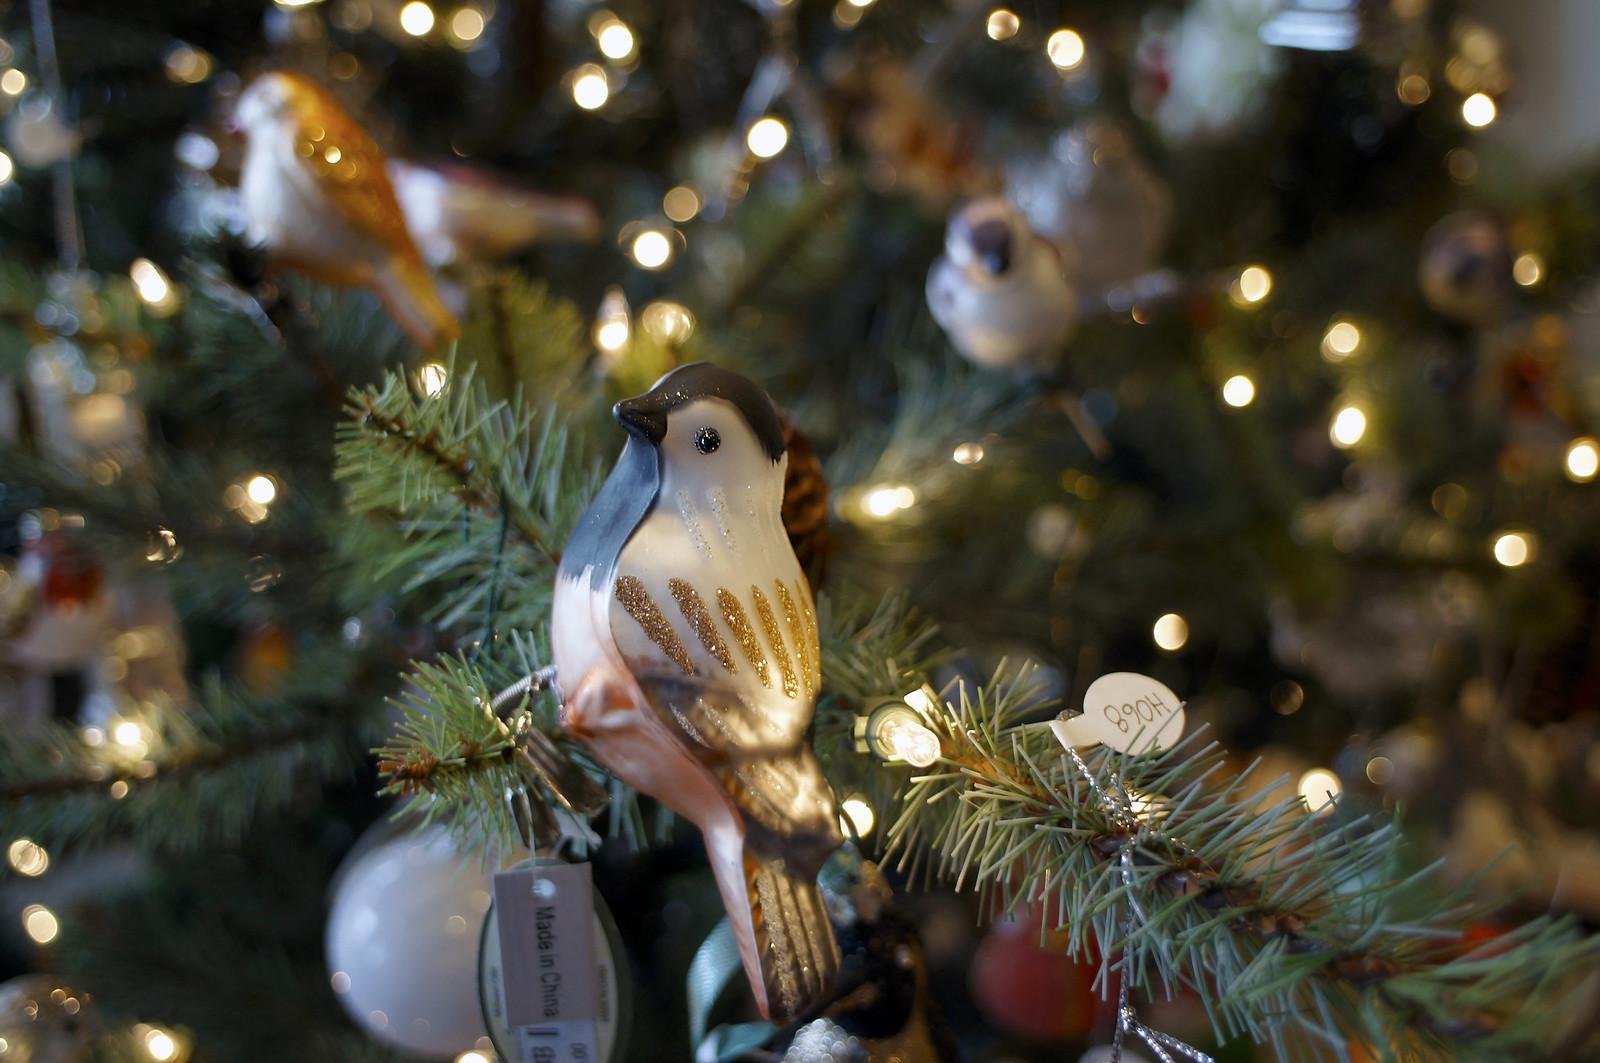 聖誕節快到了!